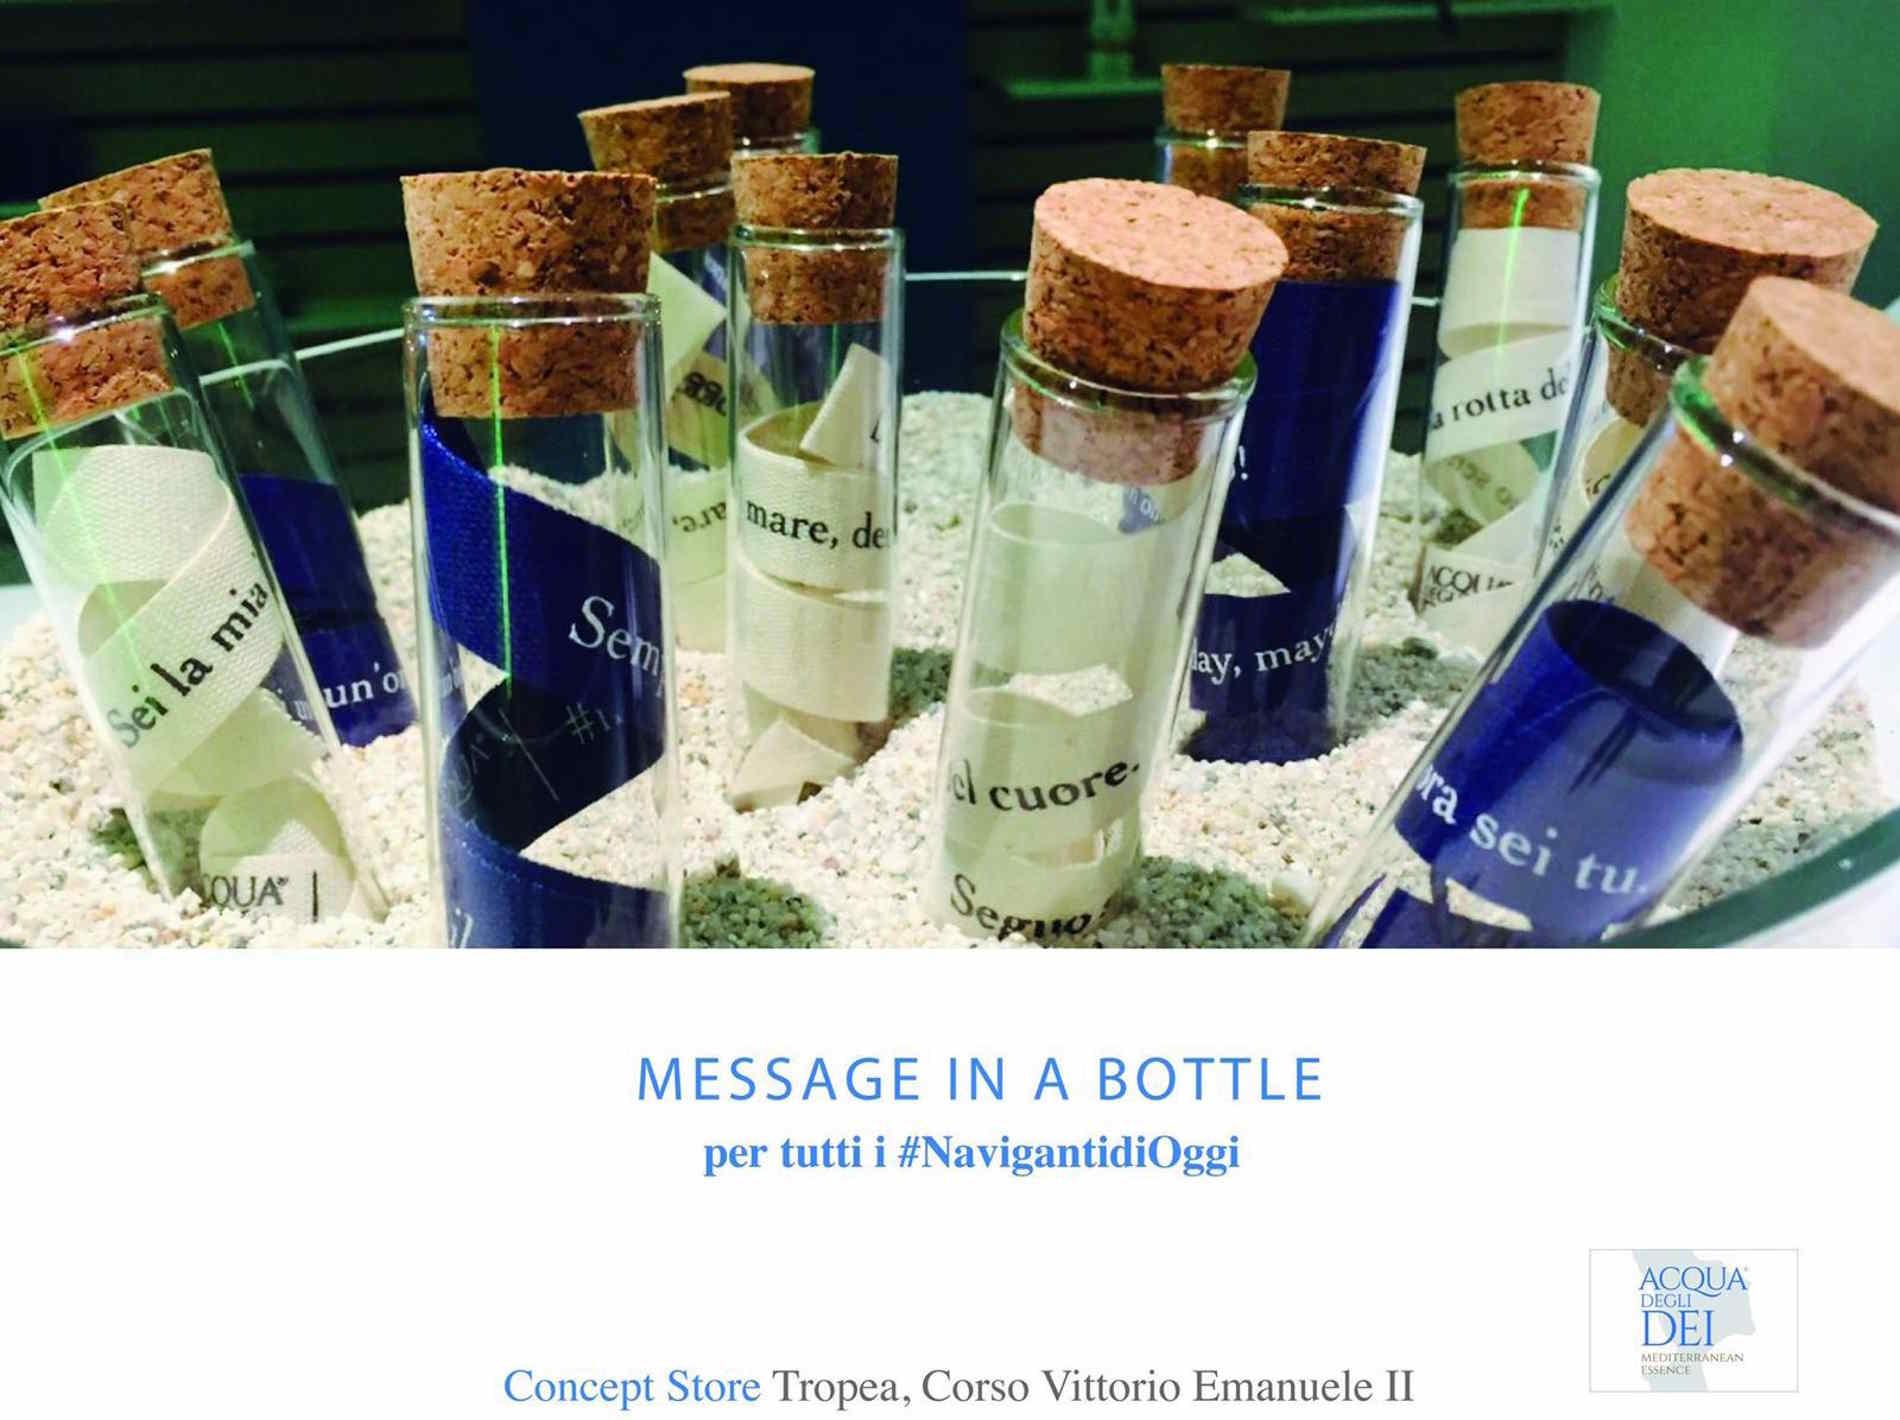 Messaggio imprenditoriale da Acqua degli Dei Mediterranean essence